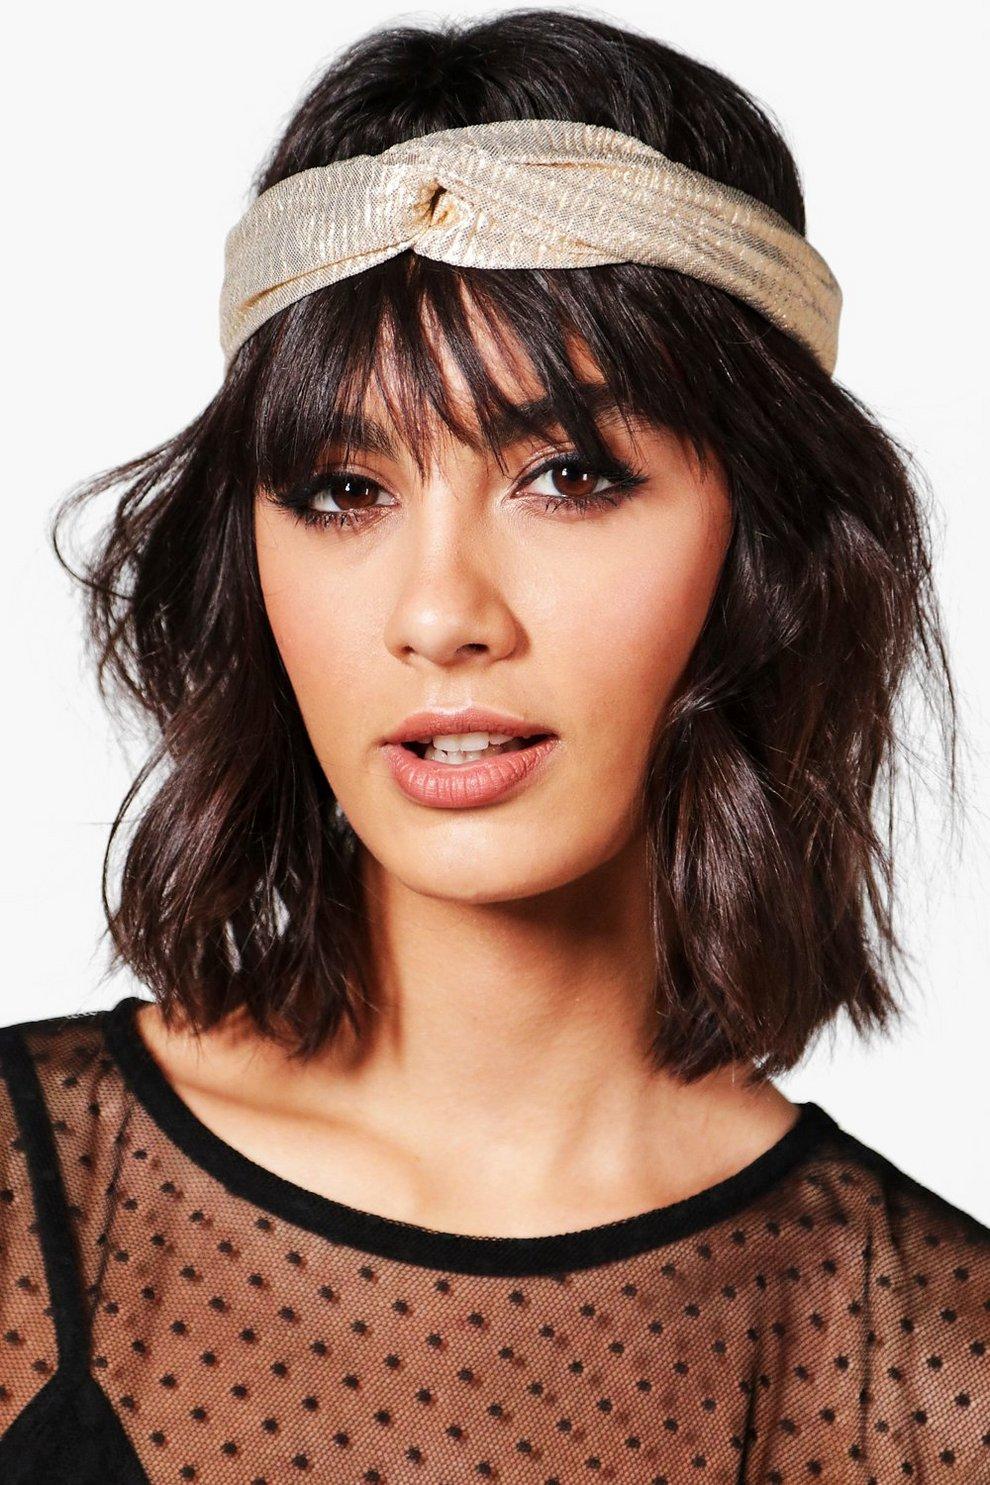 Sophie Metallic Twist Knot Turban Headband  0bd8cf11a00